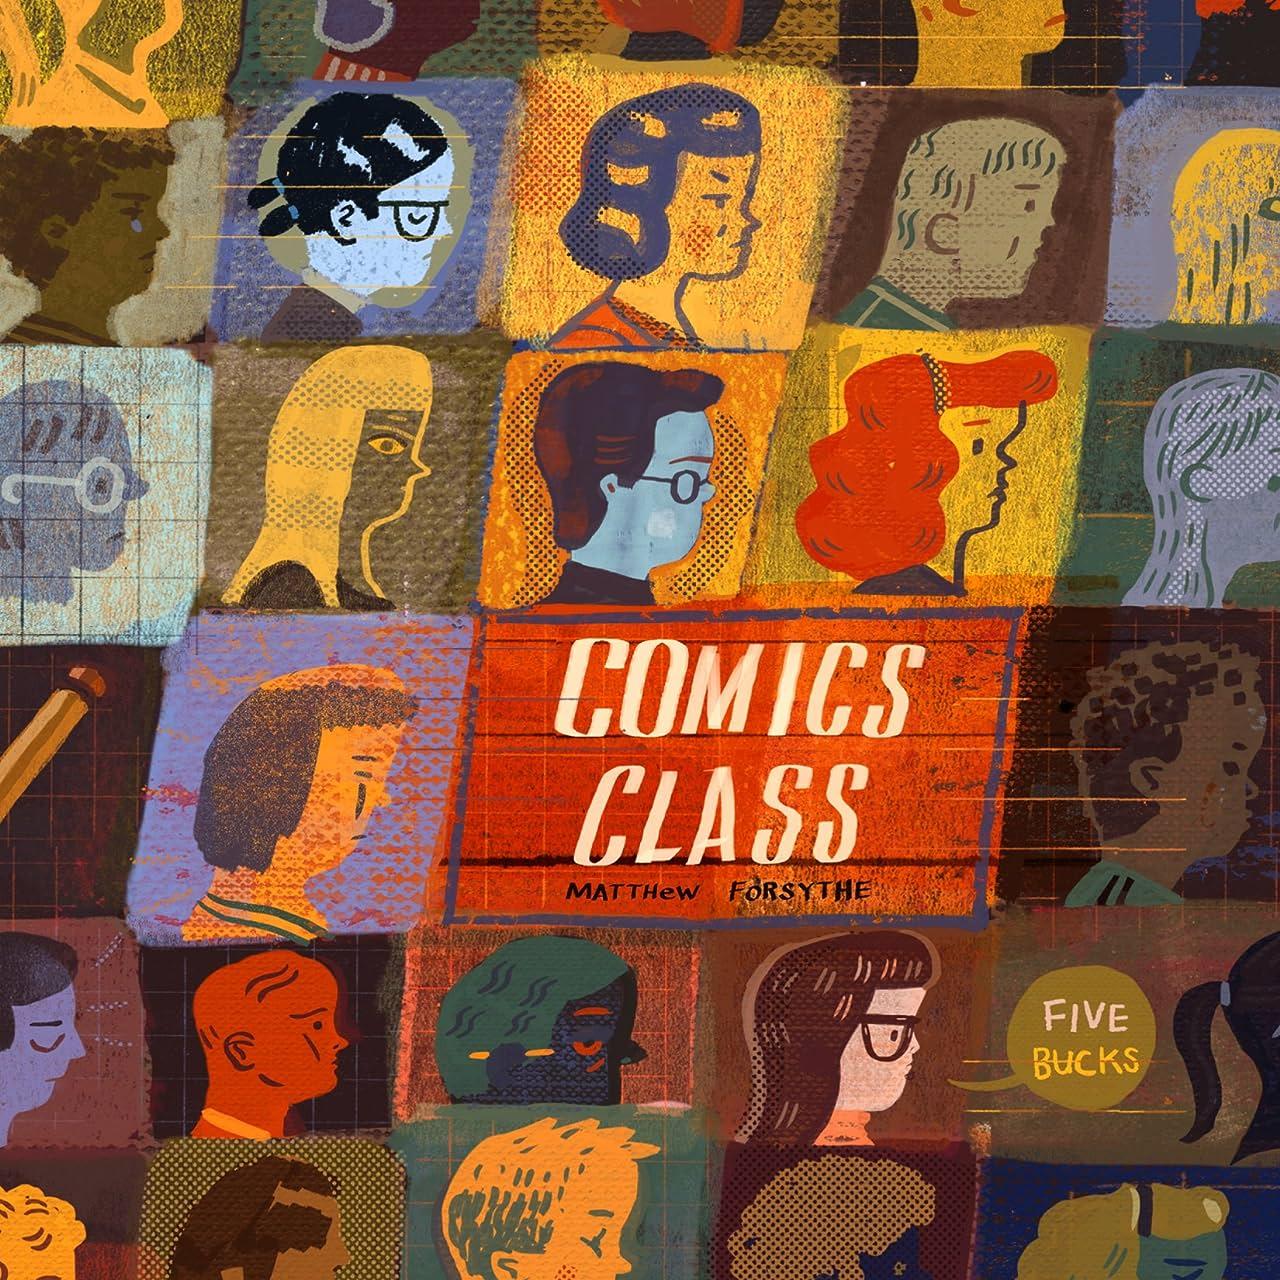 Comics Class